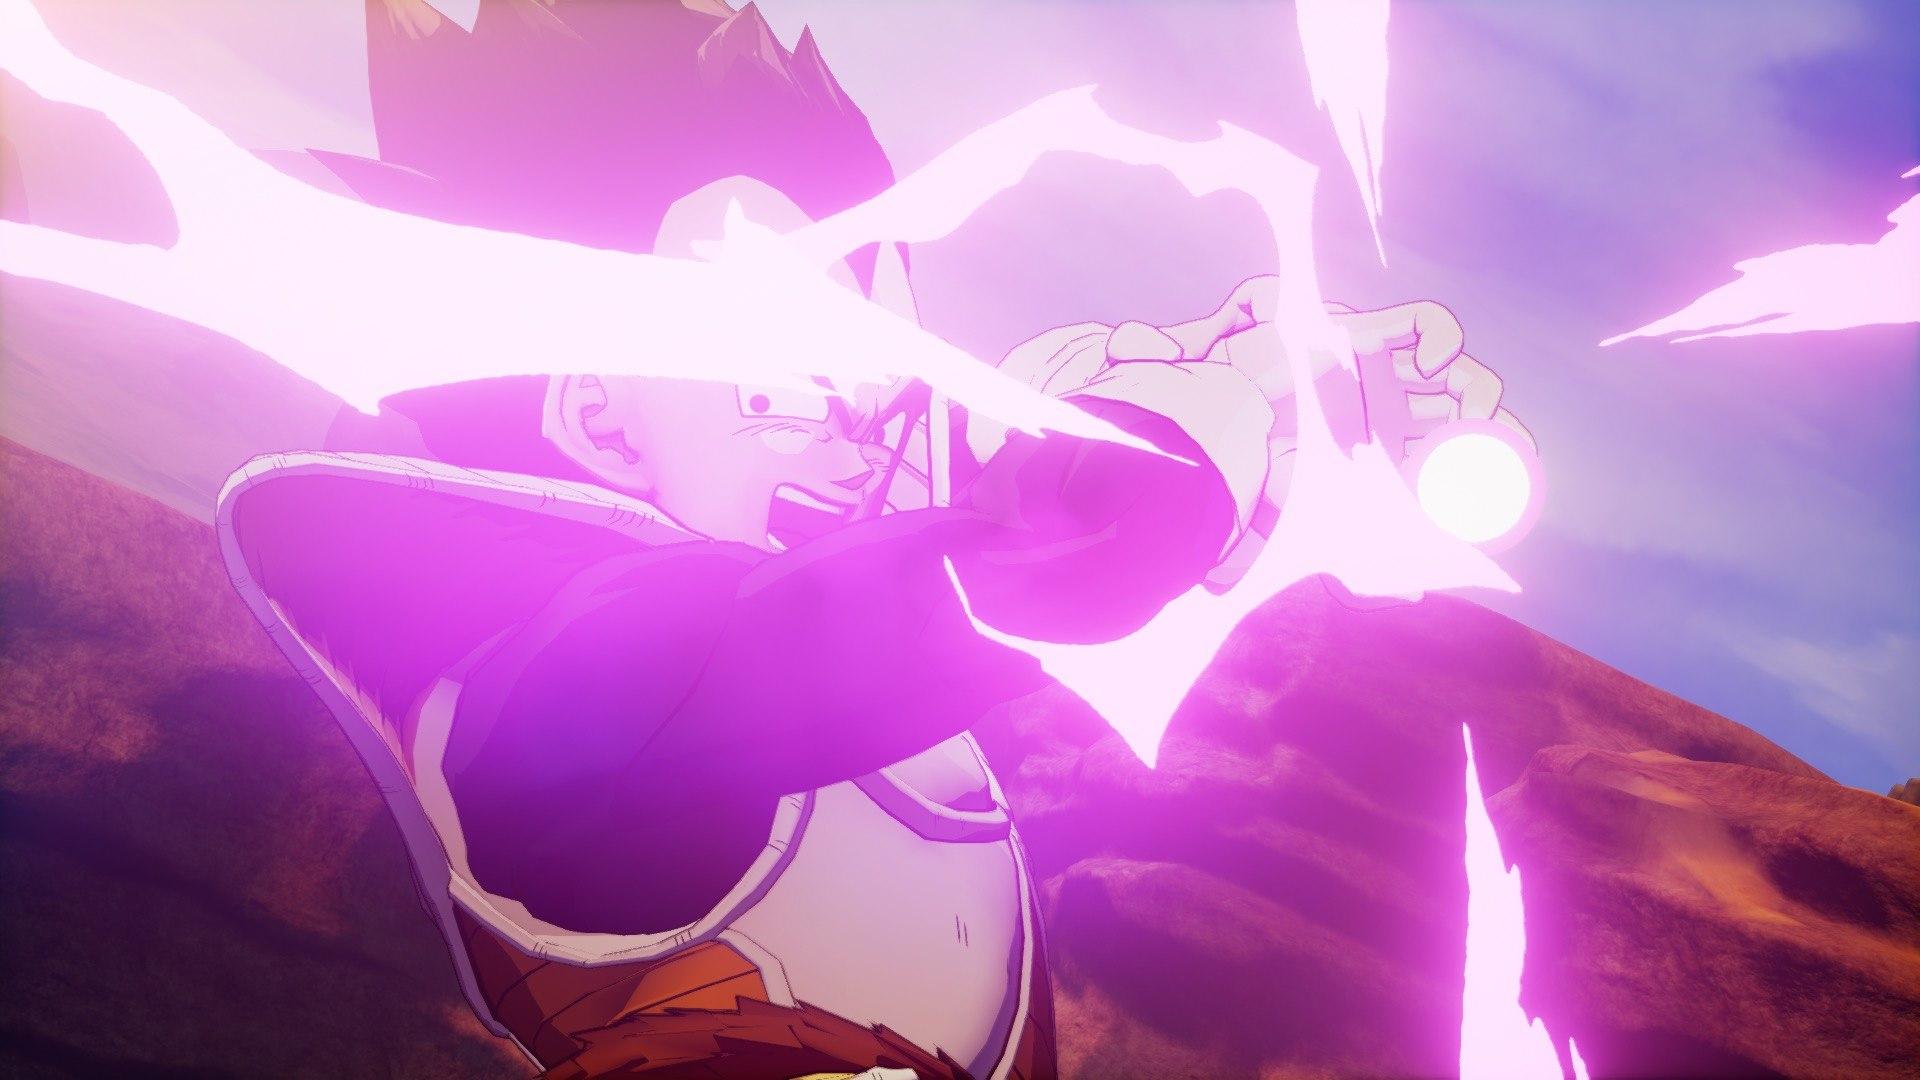 《龙珠Z:卡卡罗特》新截图发布 战斗特效华丽